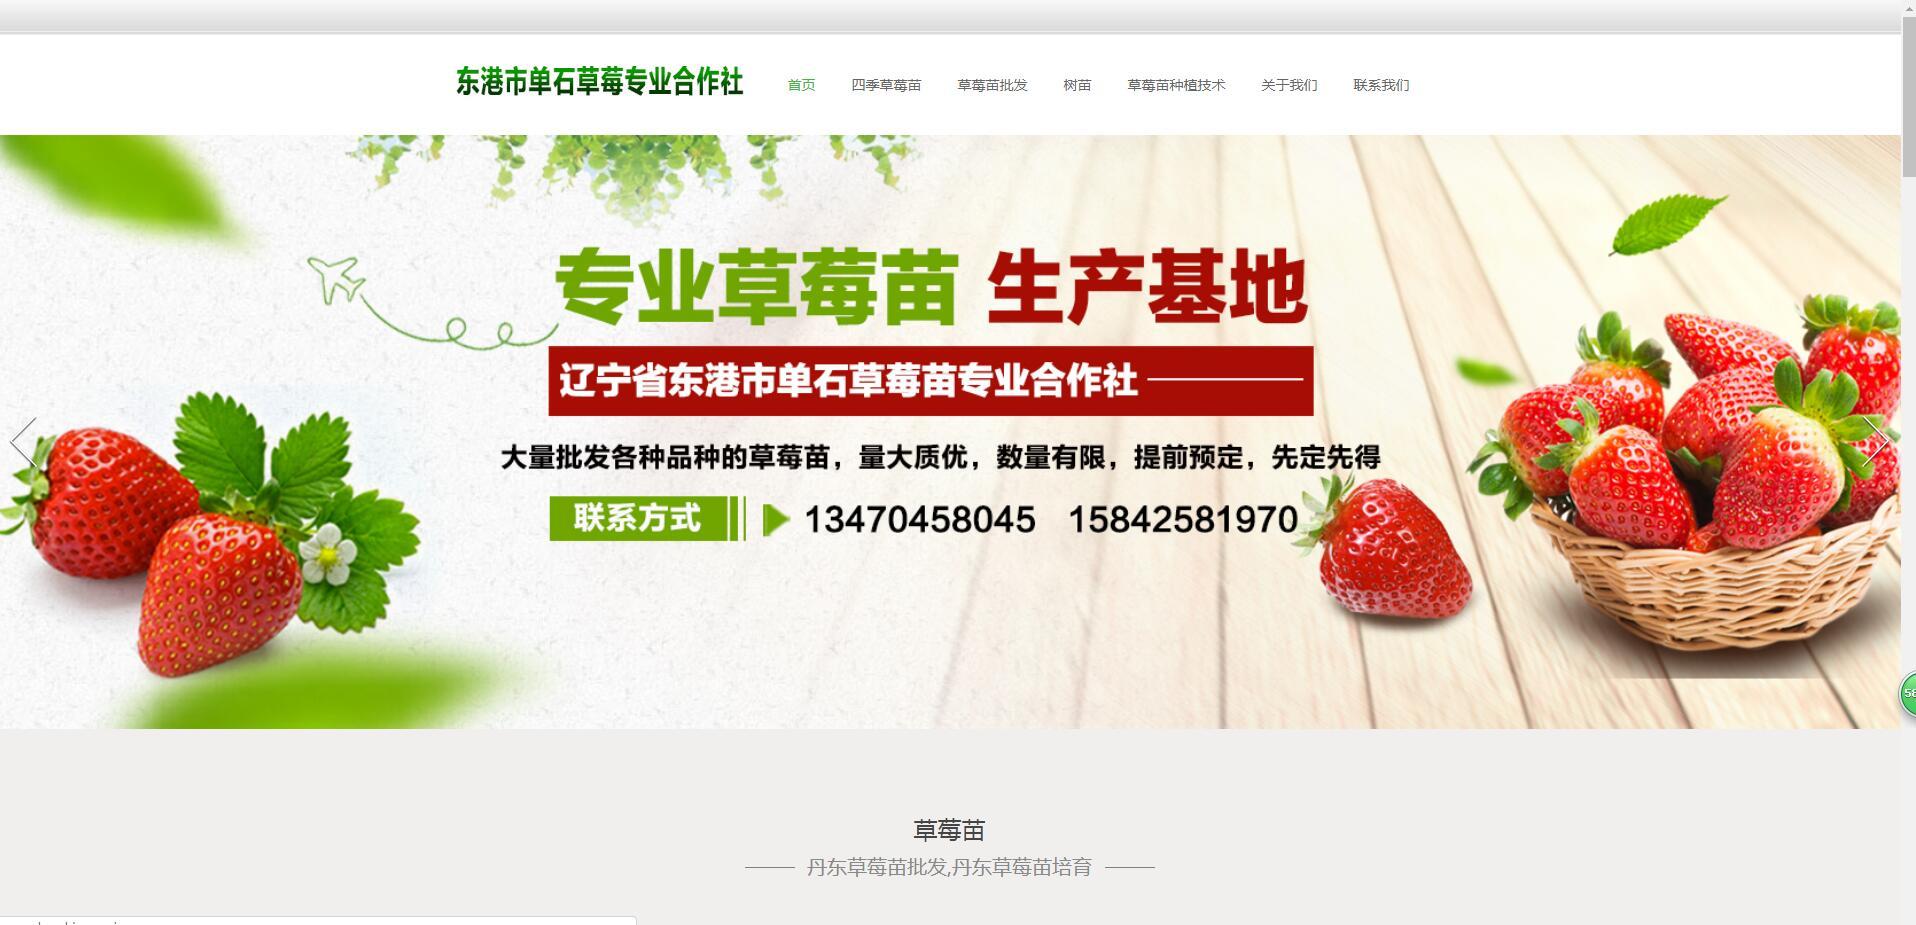 榆林草莓苗指数4200多在首页排名